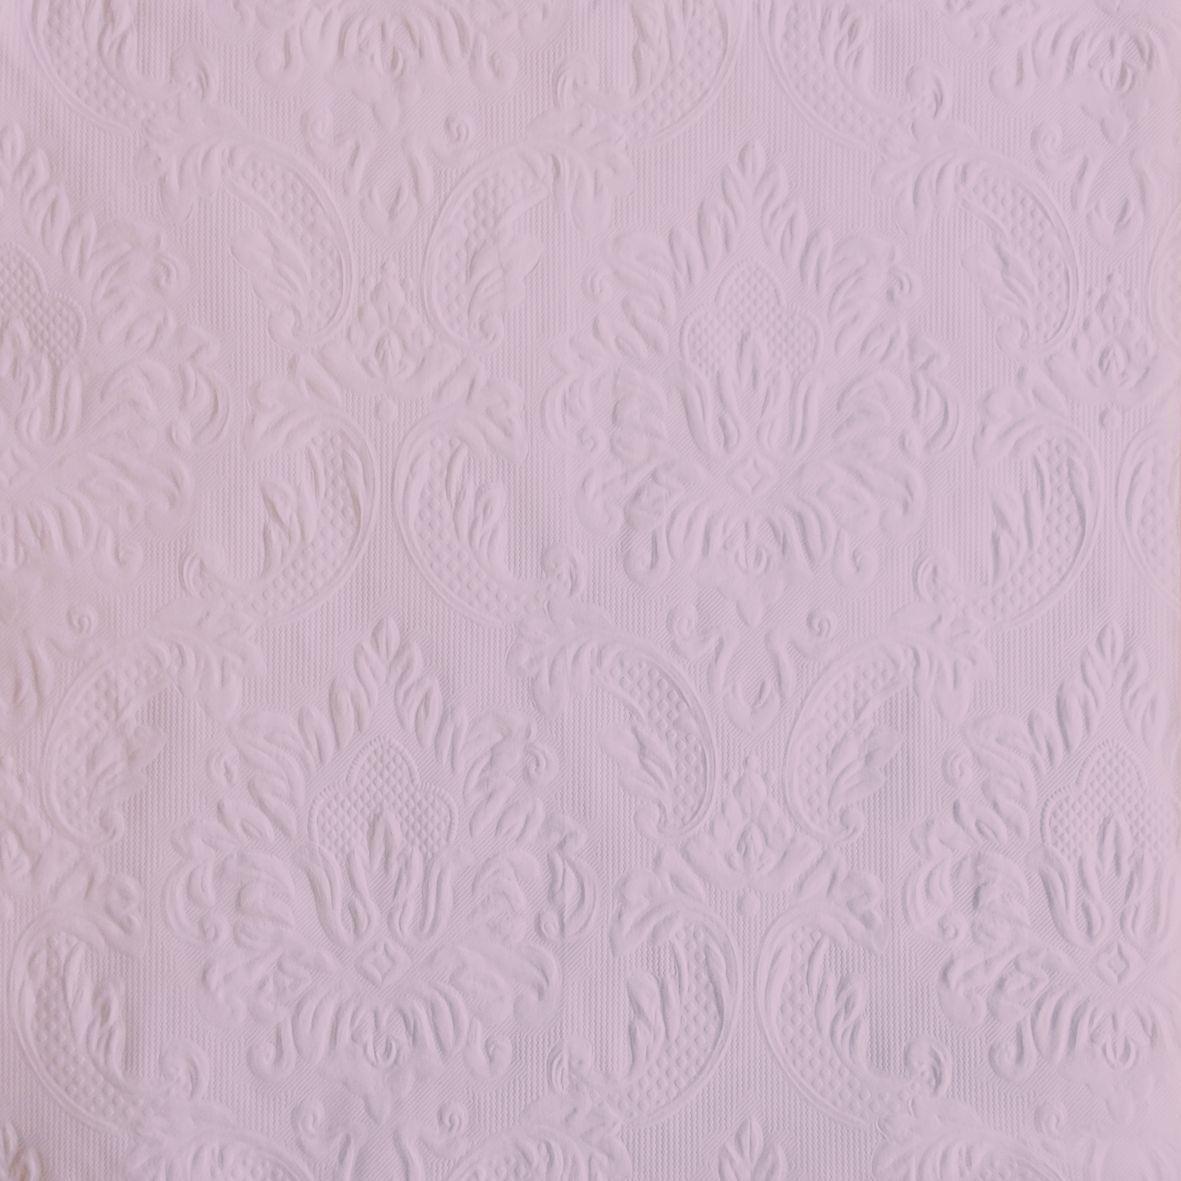 Салфетки бумажные Duni, 3-слойные, с тиснением, цвет: розовый, 33 х 33 см, 20 шт170907Трехслойные бумажные салфетки Duni изготовлены из экологически чистого, высококачественного сырья - 100% целлюлозы. Они выполнены в оригинальном и современном стиле, прекрасно сочетаются с любым интерьером и всегда будут прекрасным и незаменимым украшением стола. Размер салфеток: 33 х 33 см.